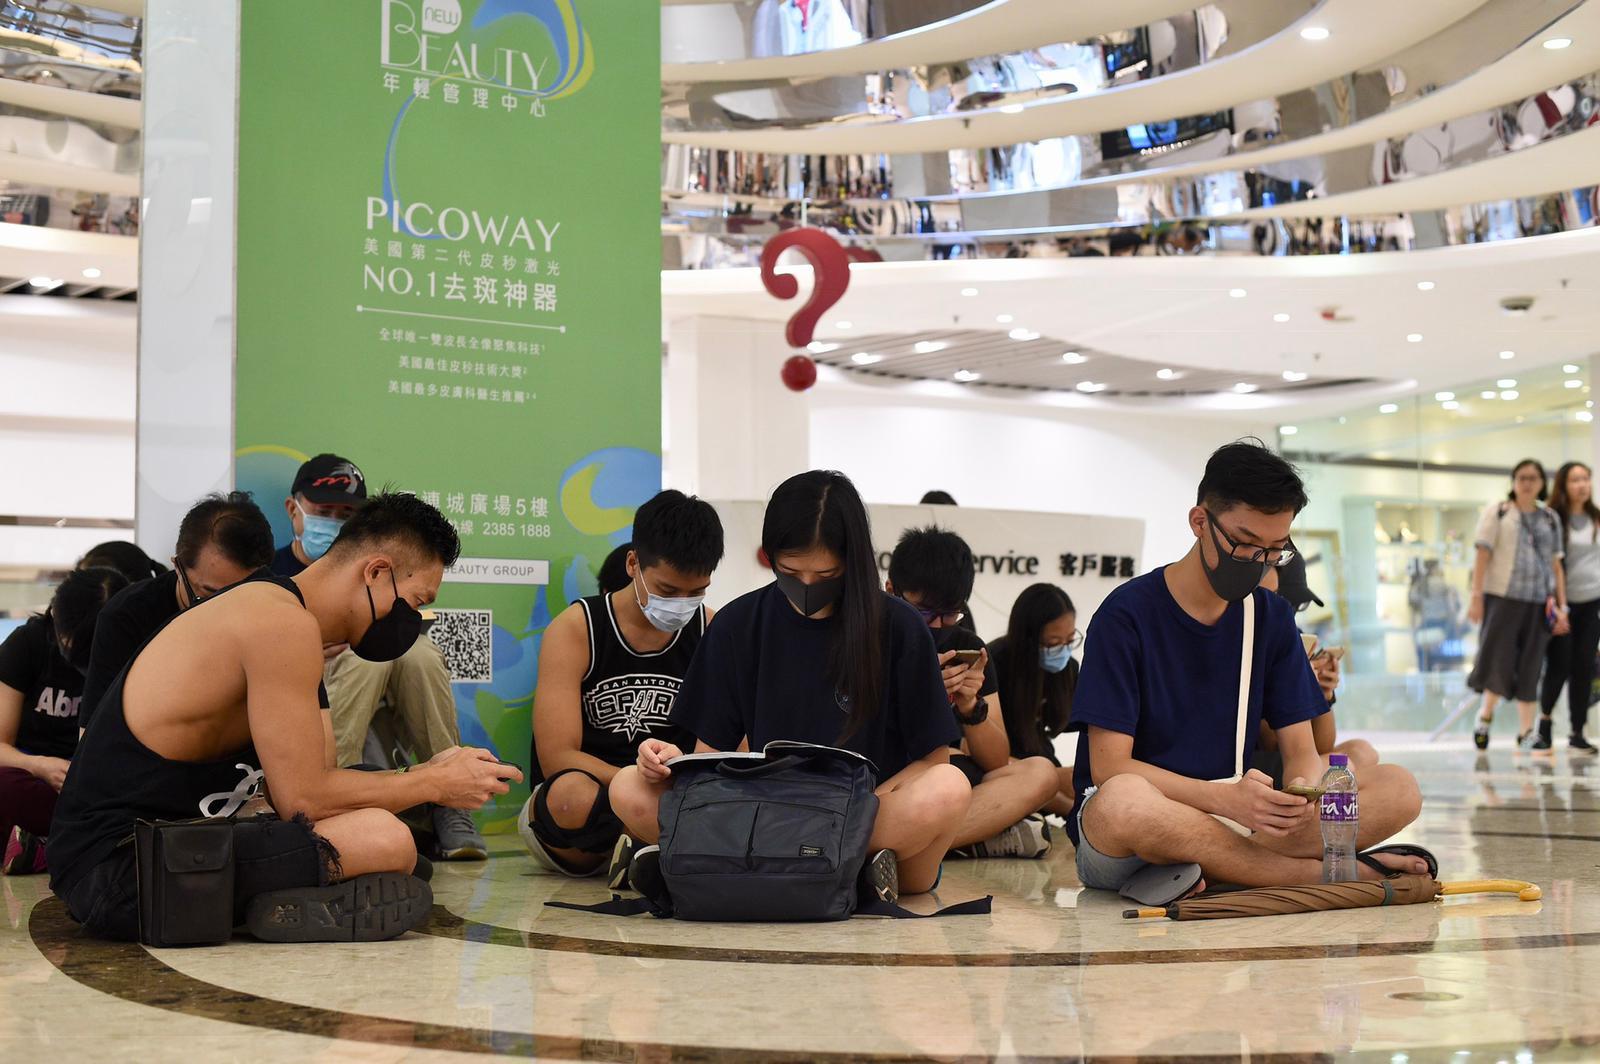 沙田連城廣場有20多人在場靜坐。